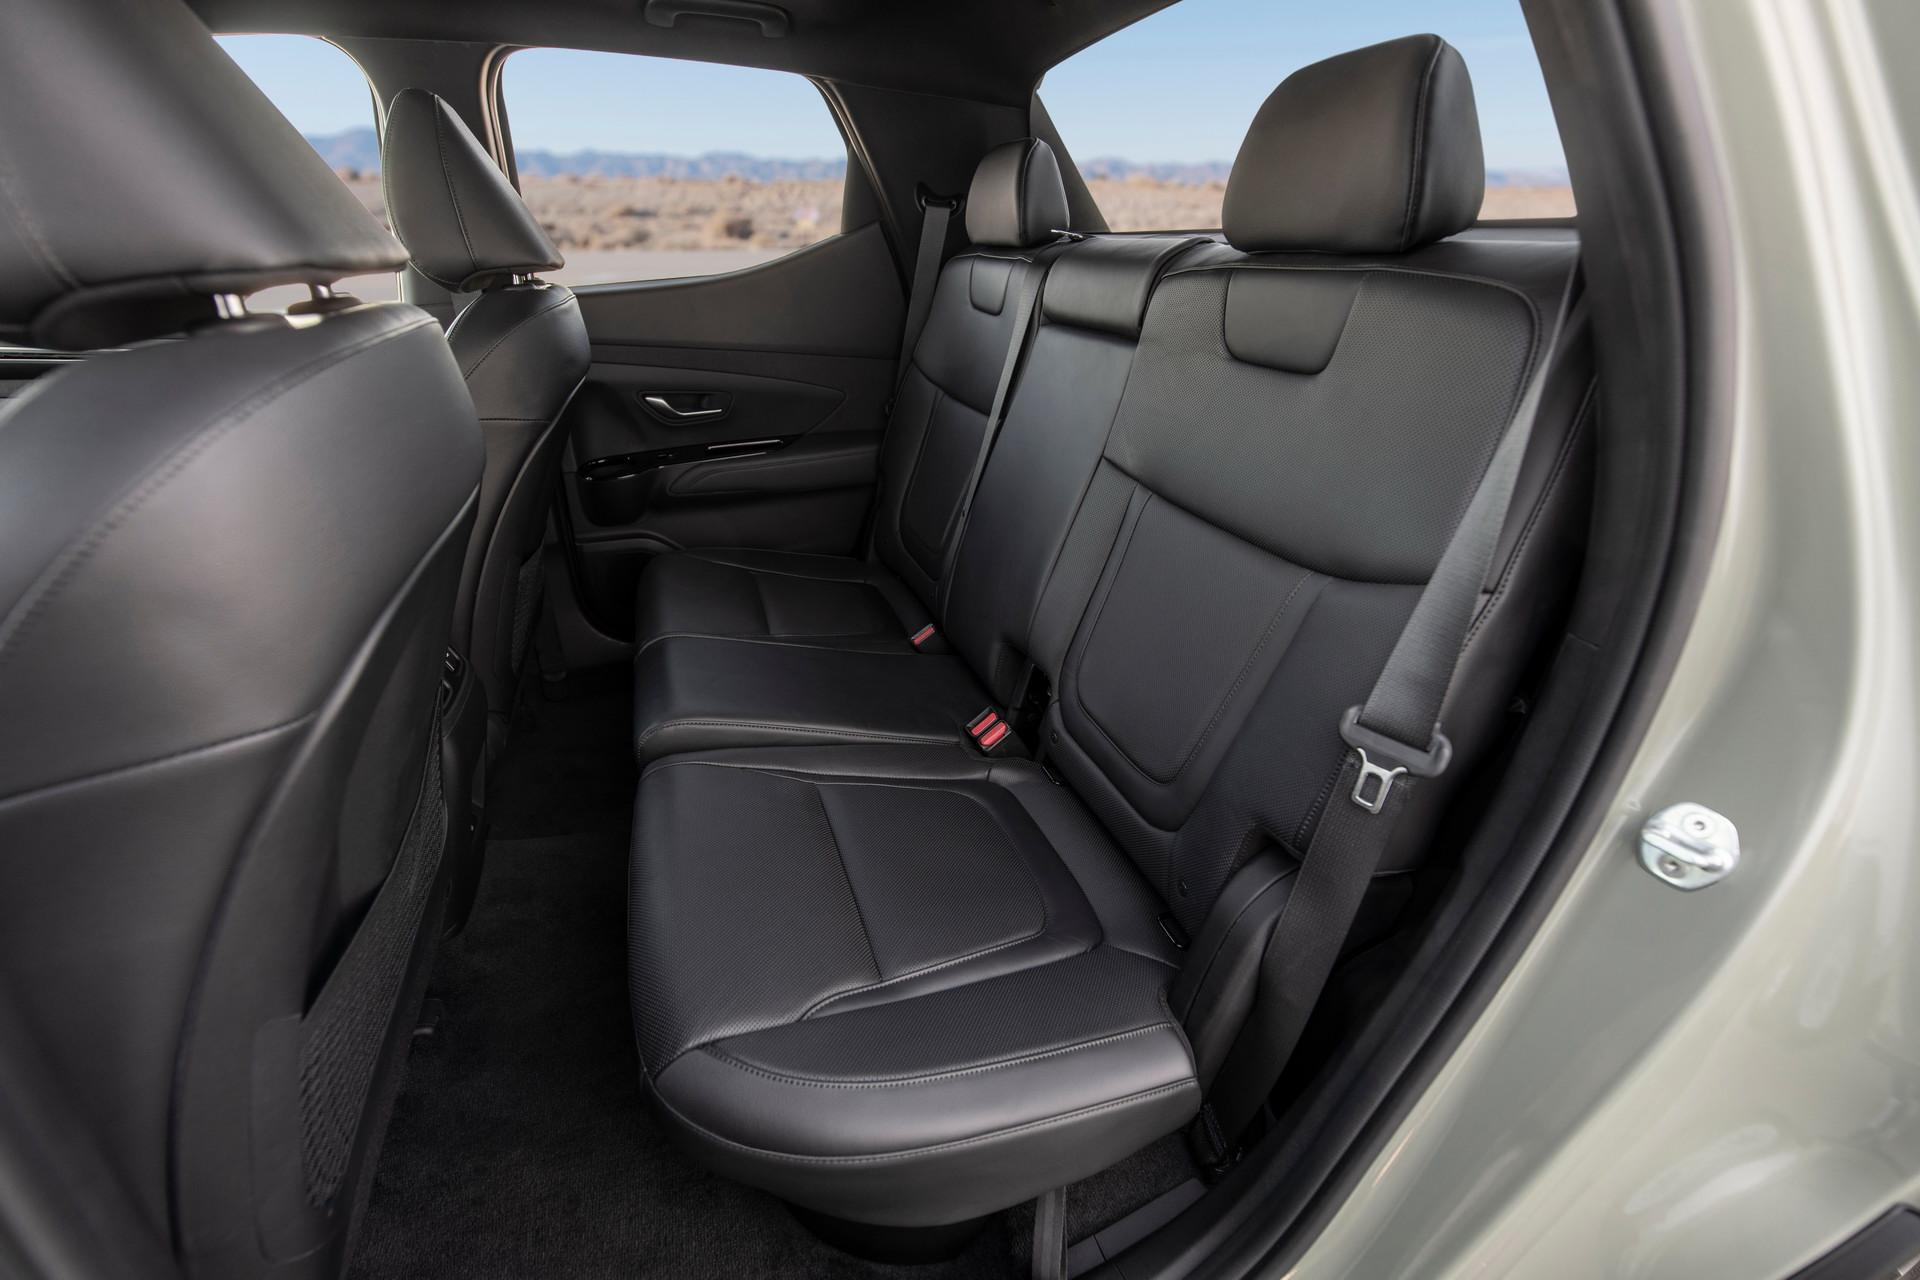 Xe bán tải đầu tiên của Hyundai ra mắt: 275 mã lực, tiện nghi như Tucson - Ảnh 6.